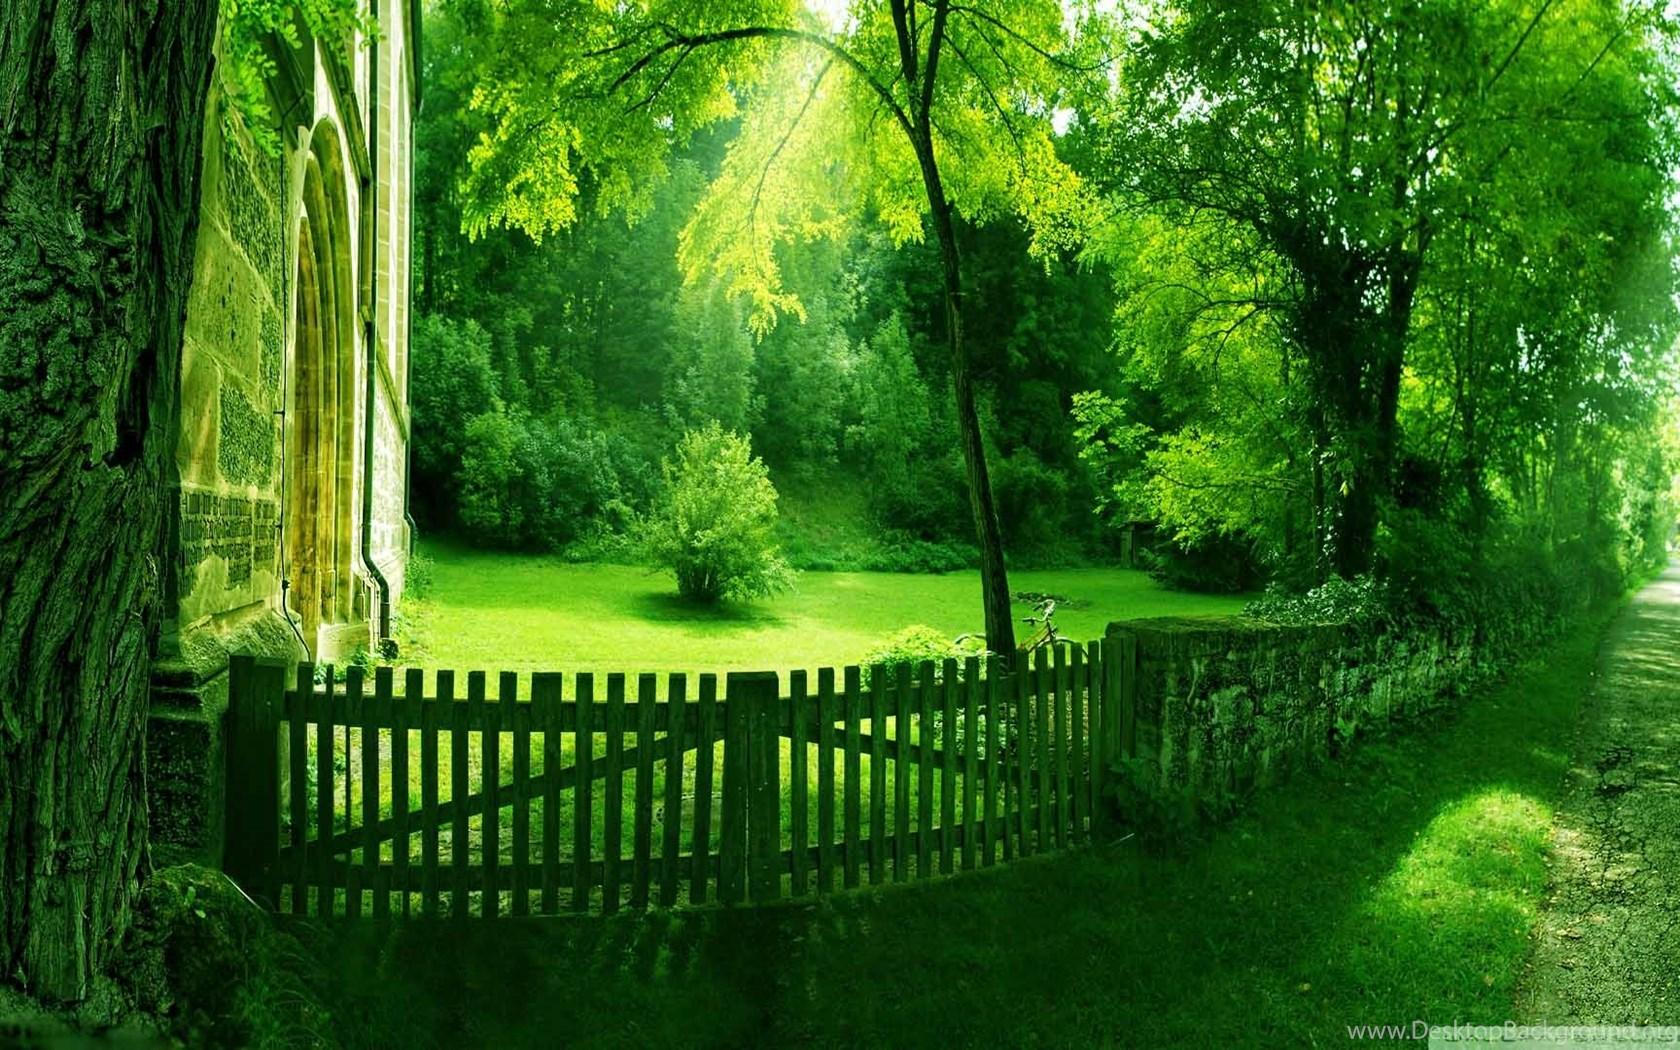 Nature Wallpapers High Resolution Green Best Hd Desktop Wallpapers